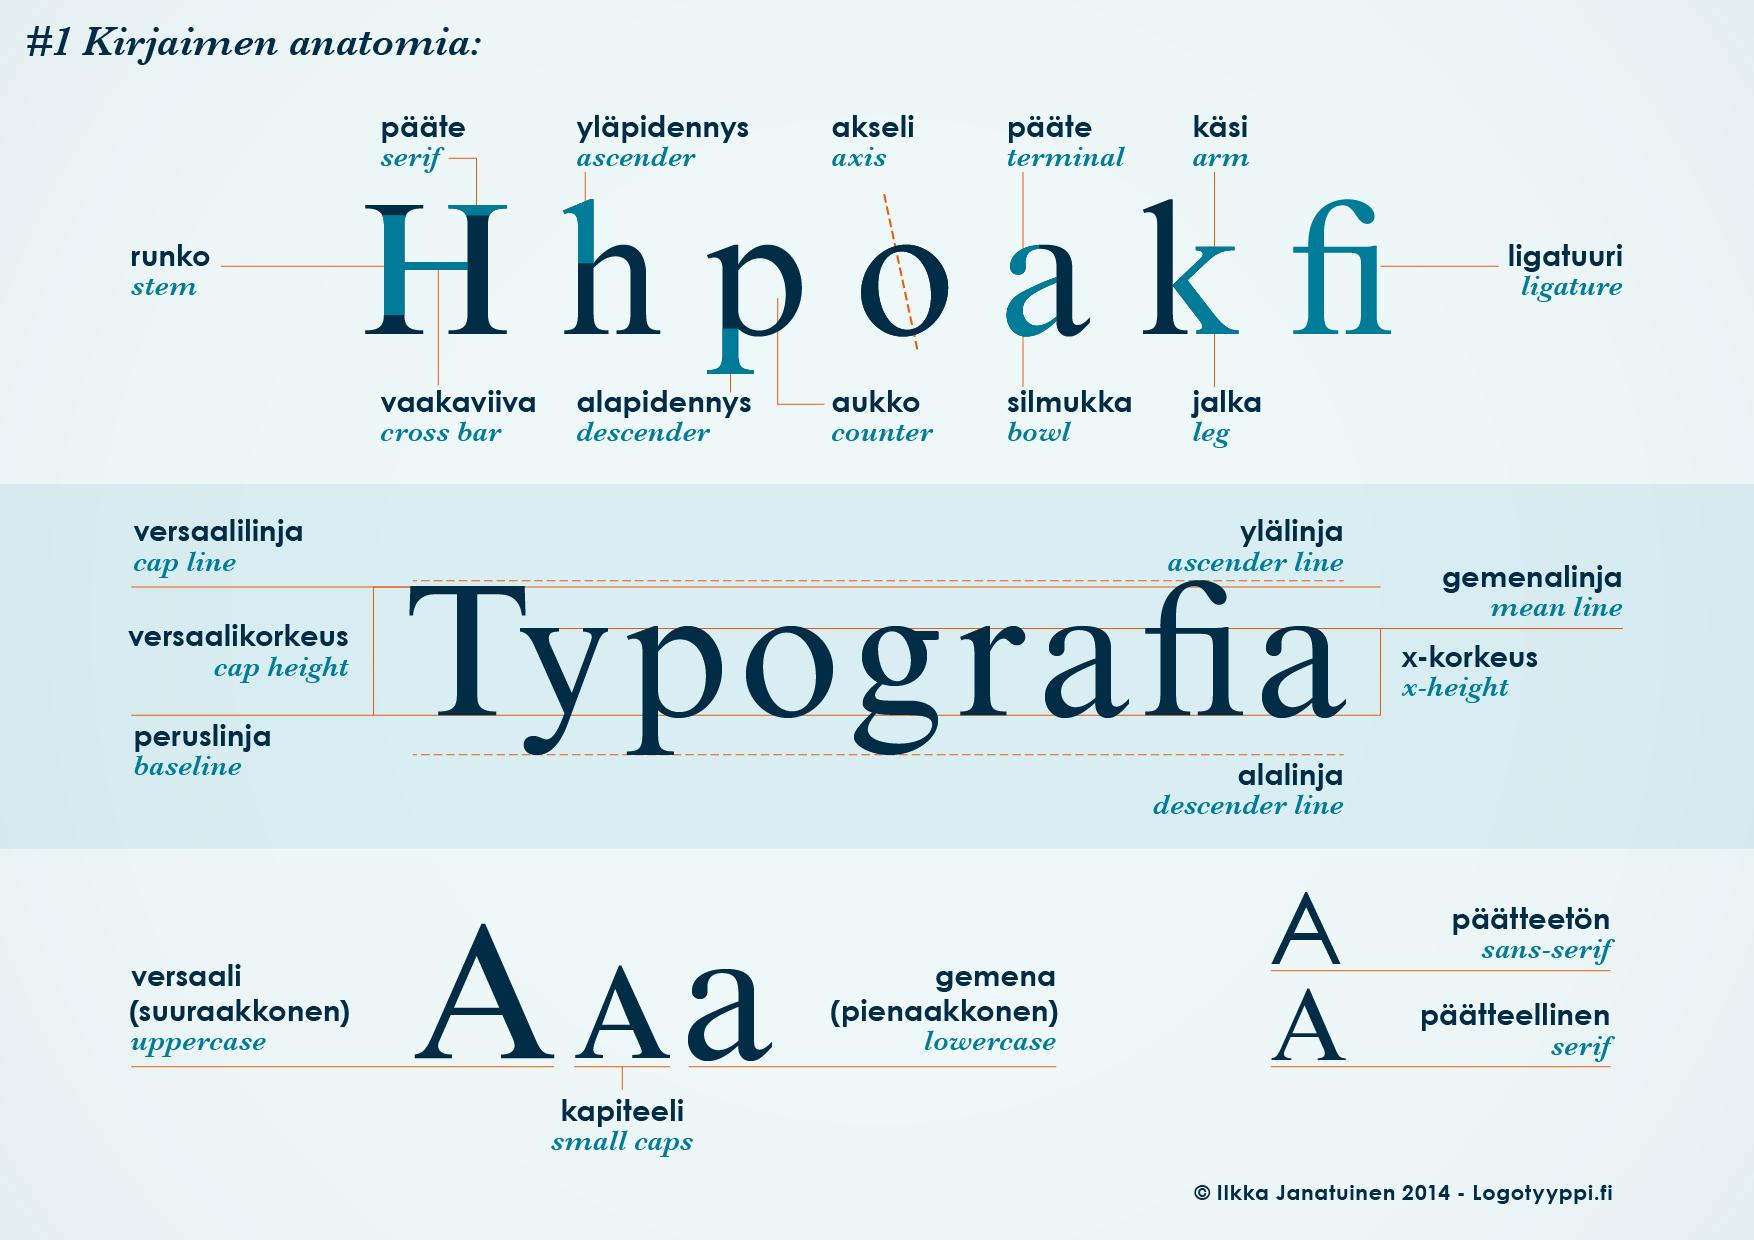 Kuvassa näkyy erilaiset kirjasintyypit, kirjasinkoot, x-korkeus sekä erilaisten ylä- ja alalinjojen sekä päätteiden määritykset kirjasimissa. Lisäksi versaali, kapiteeli, gemena, serif ja sans-serif on esitetty kirjainten avulla.